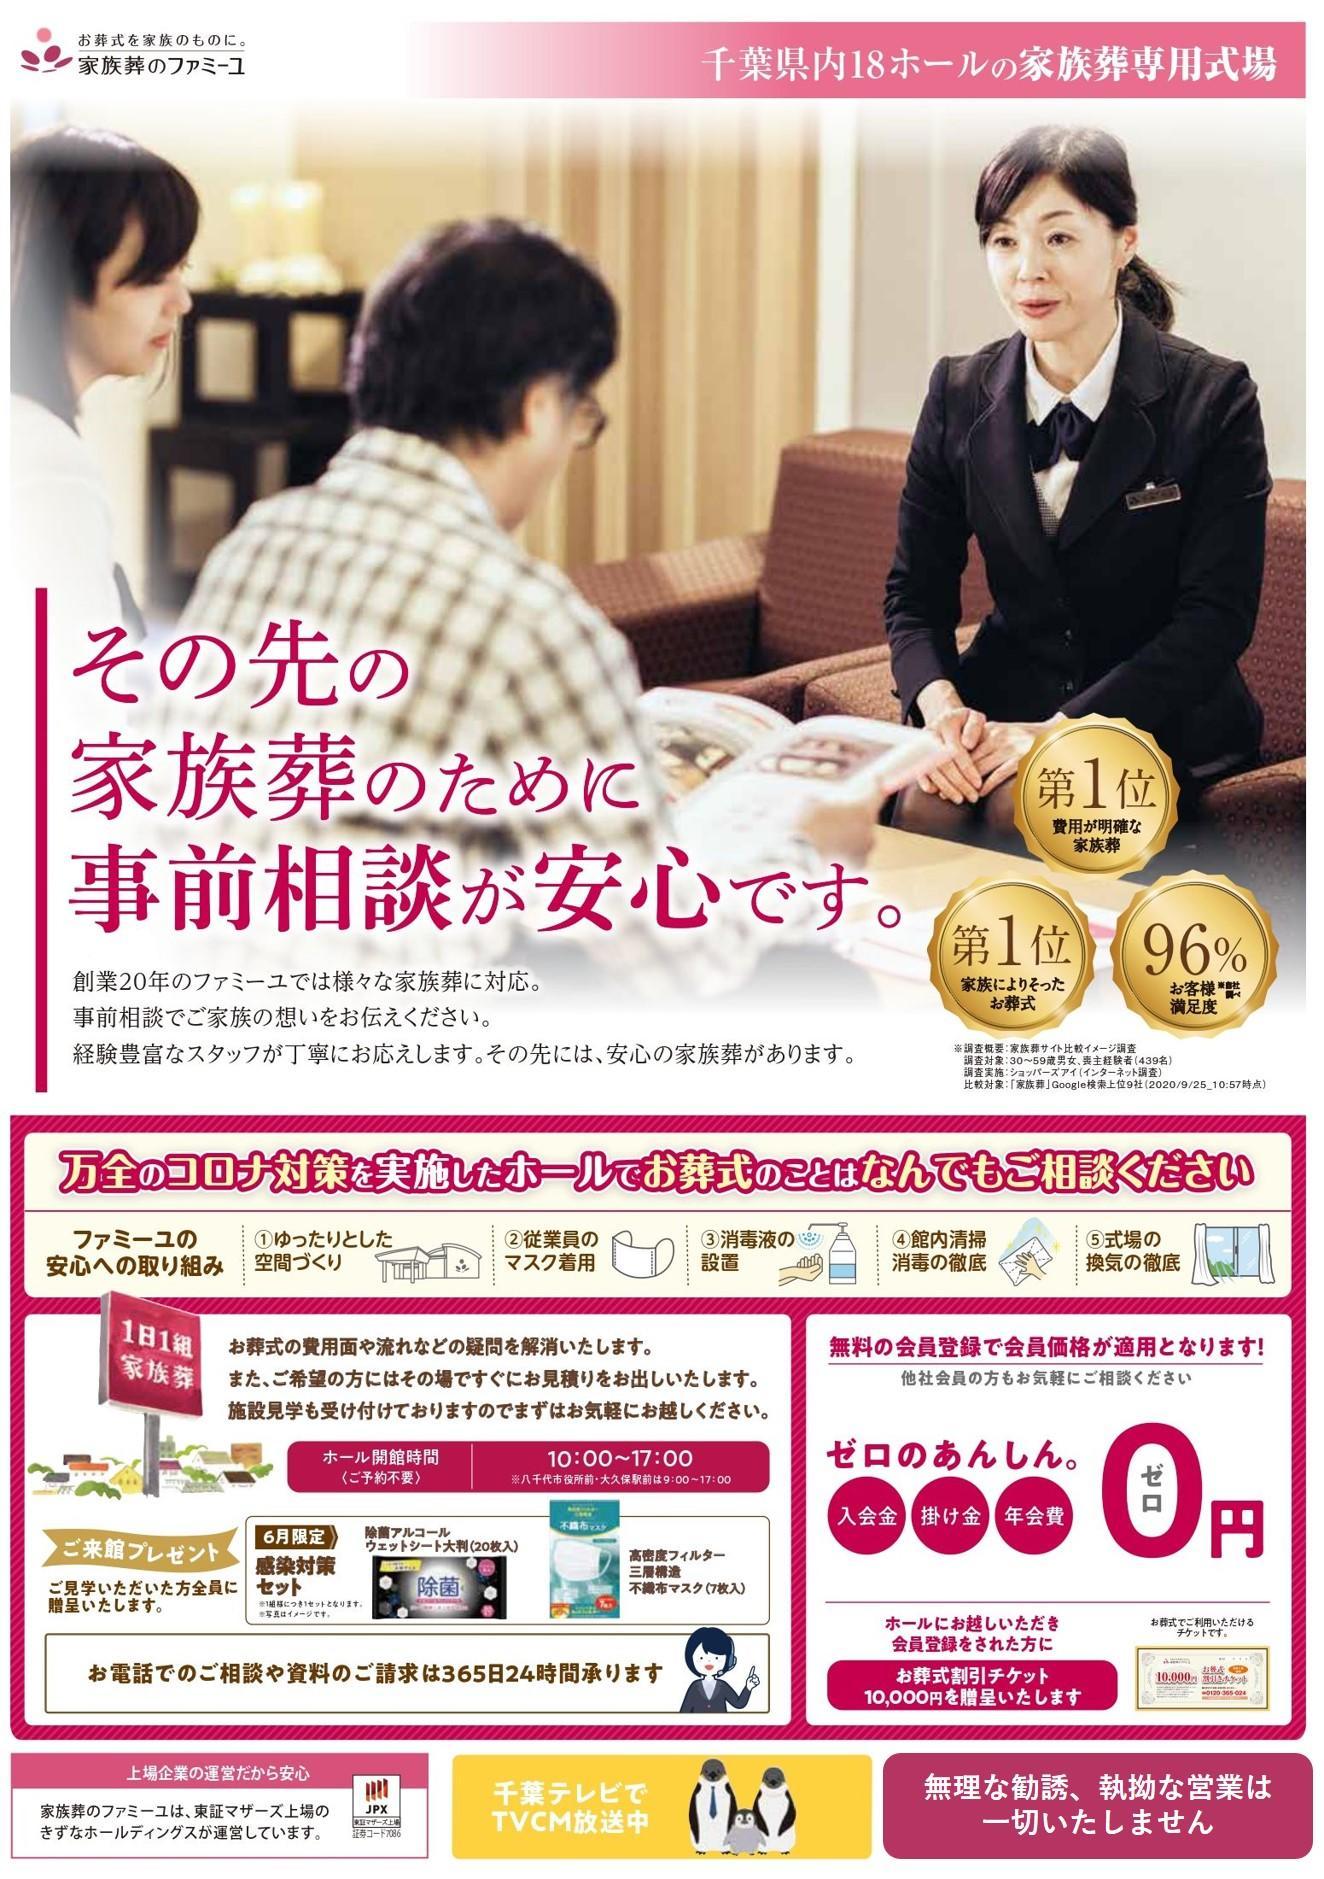 yachiyo_2106A.jpg